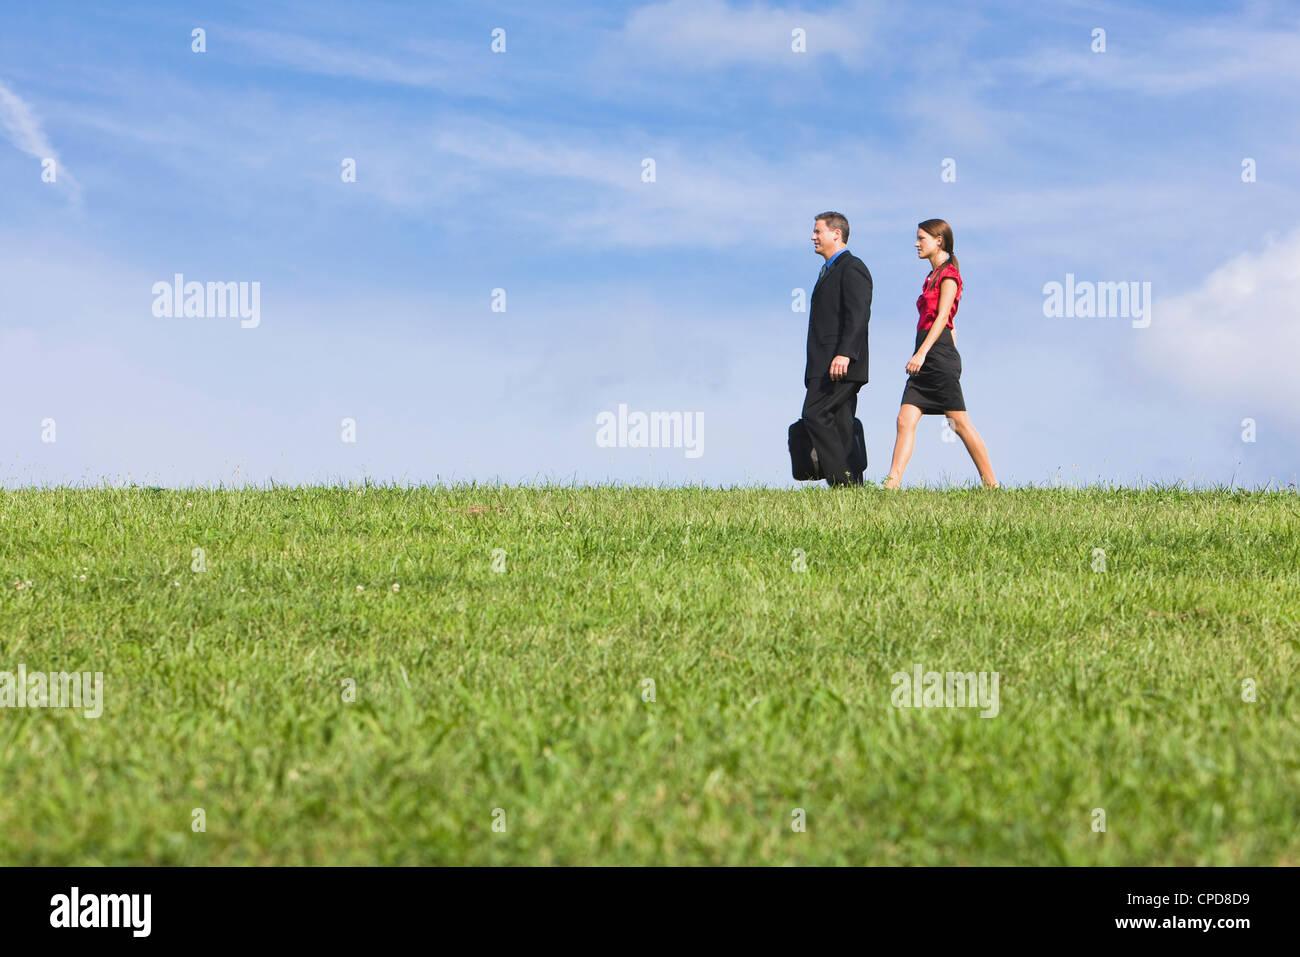 Caucasian co-trabajadores caminando a través de césped Foto de stock